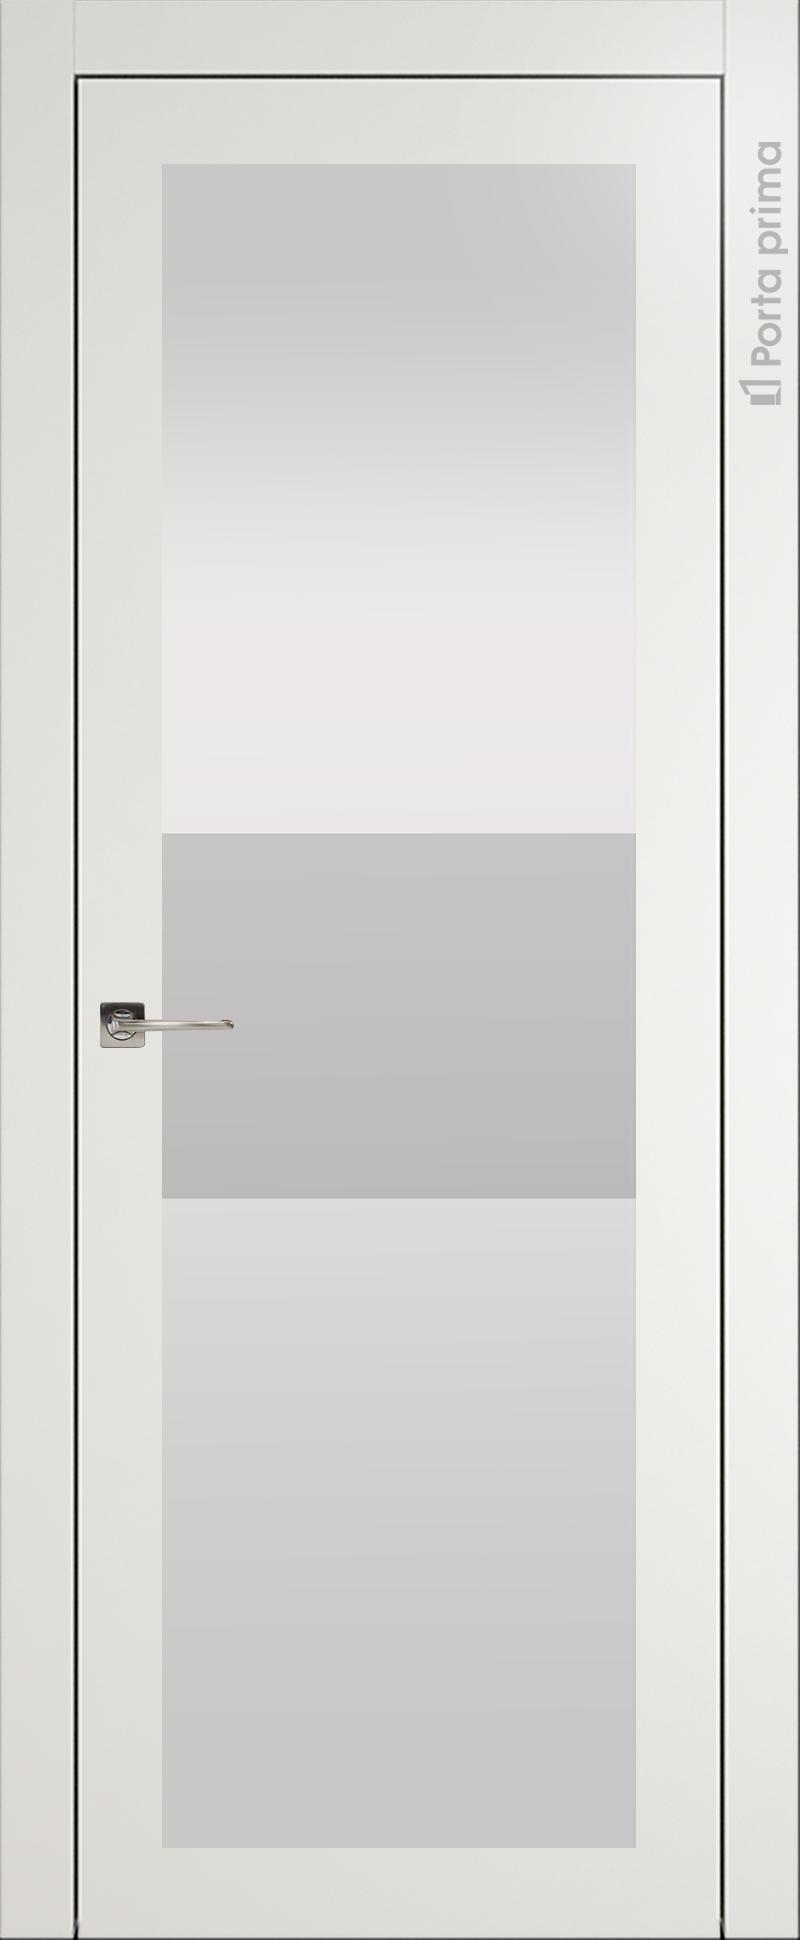 Tivoli З-4 цвет - Бежевая эмаль (RAL 9010) Со стеклом (ДО)